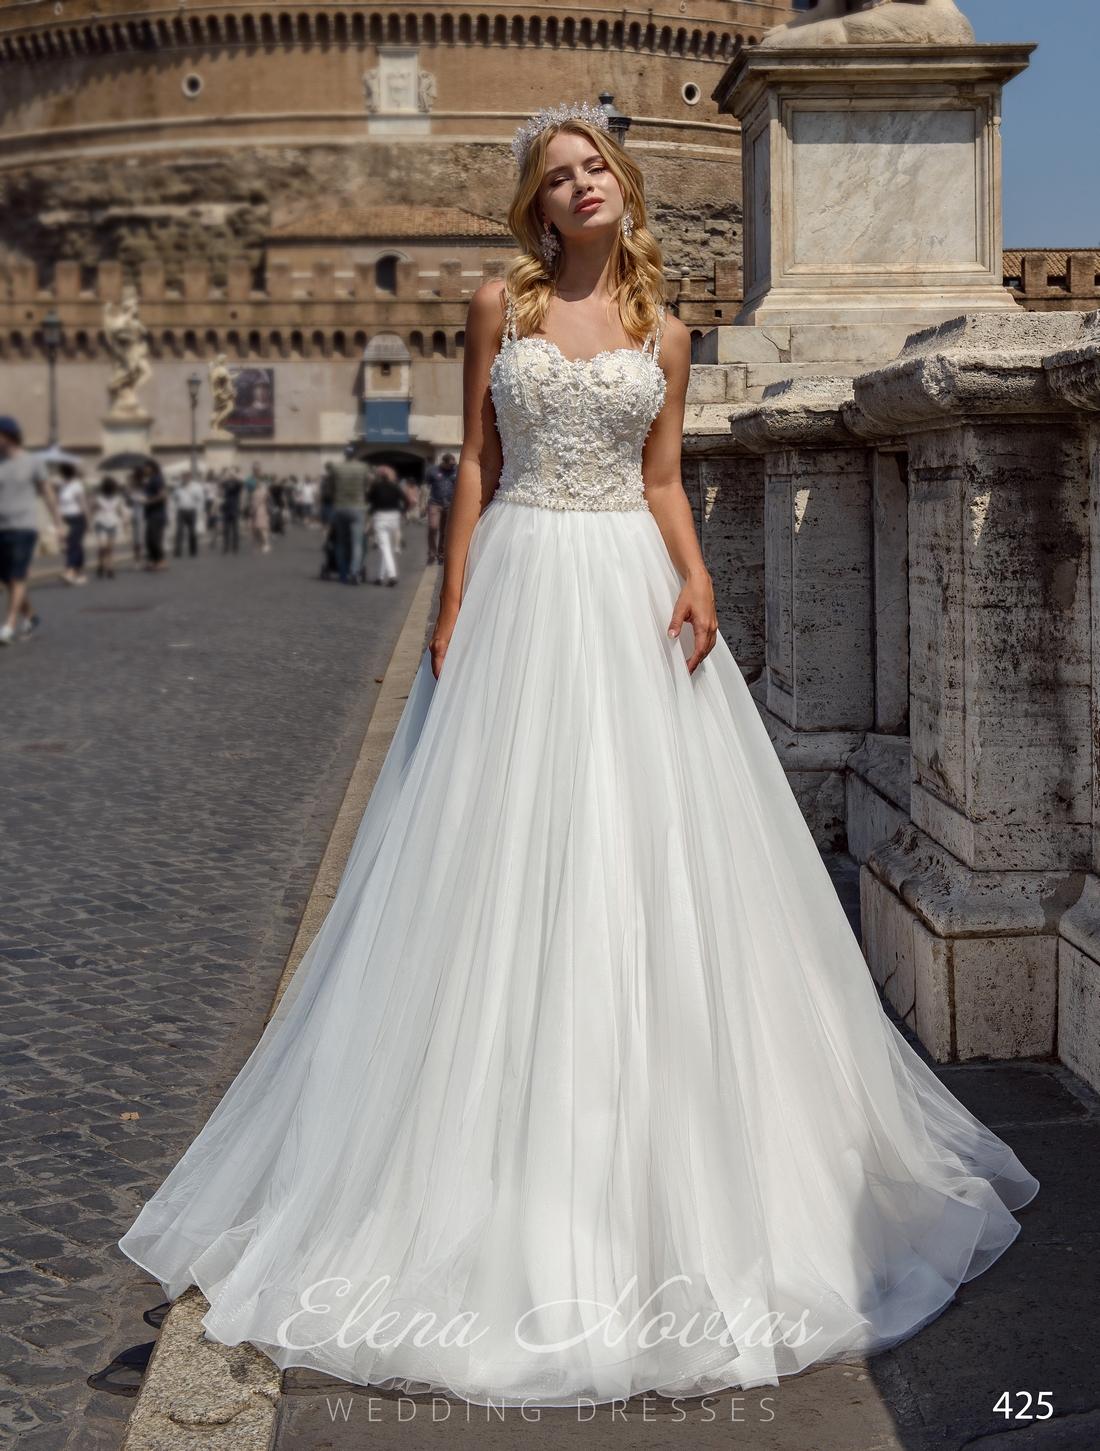 Пышное свадебное платье на тонких бретелях